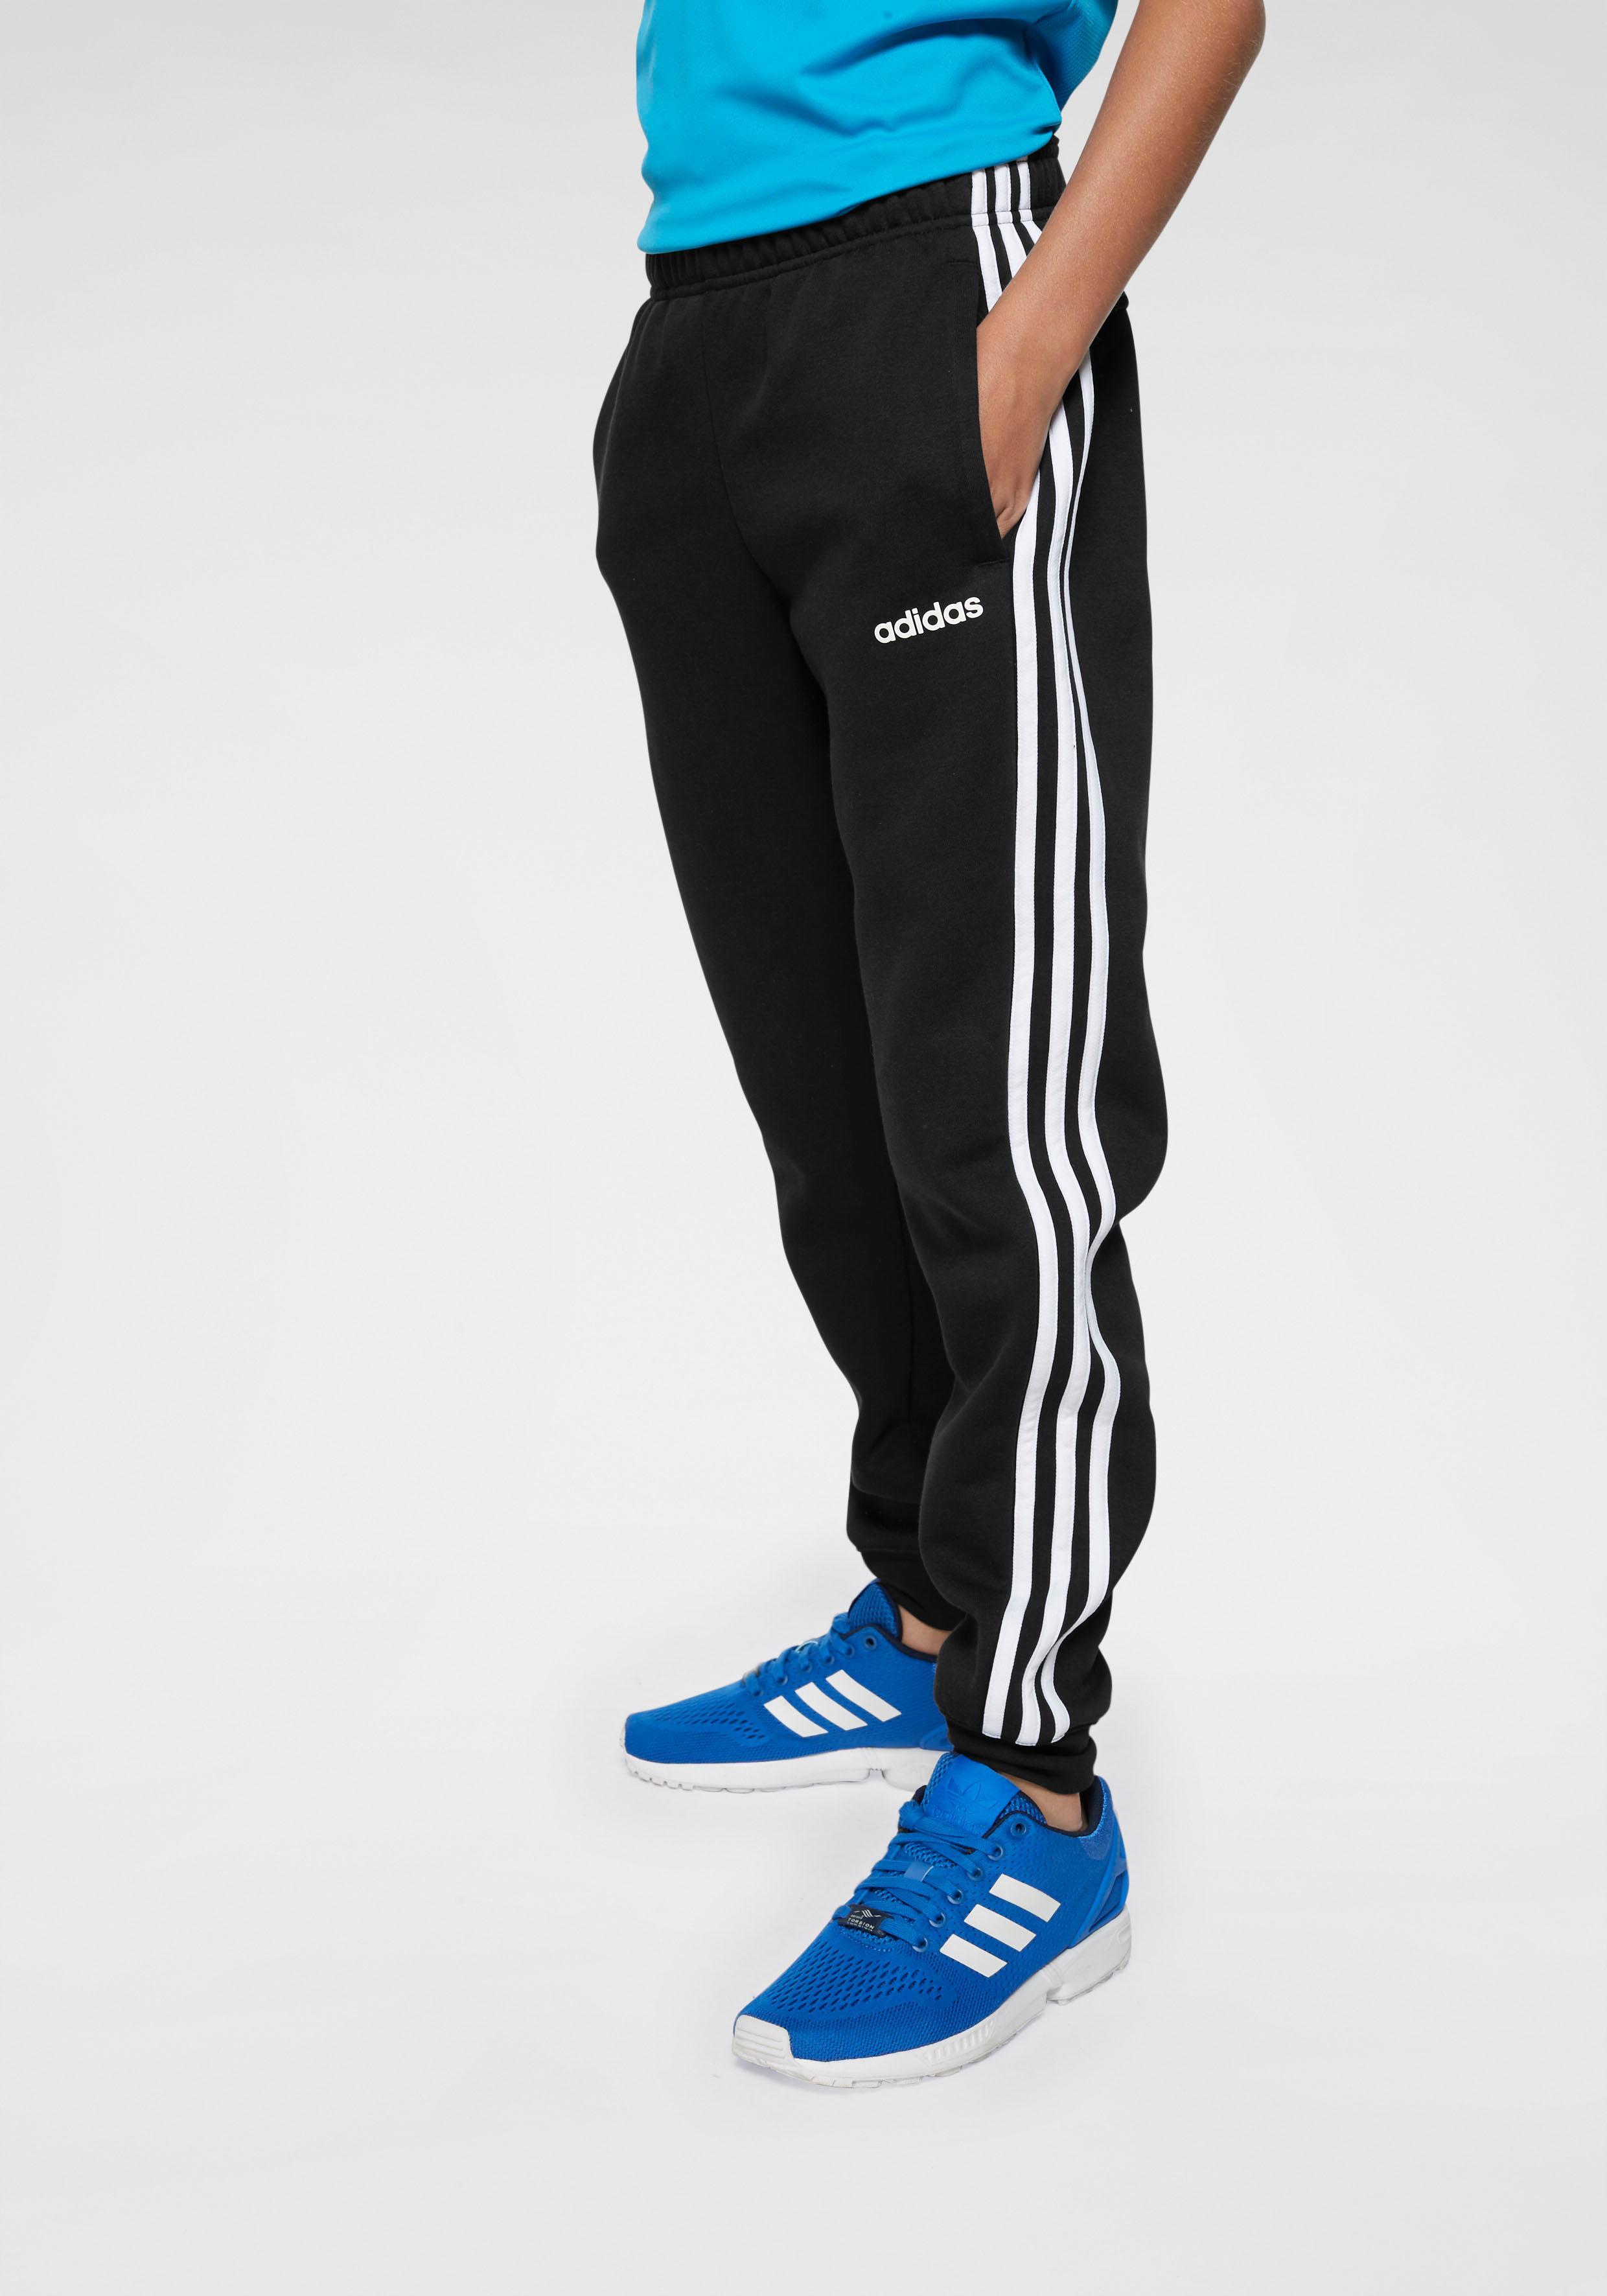 8792418a6d62af adidas Jogginghose »E 3 STRIPES PANT« online kaufen